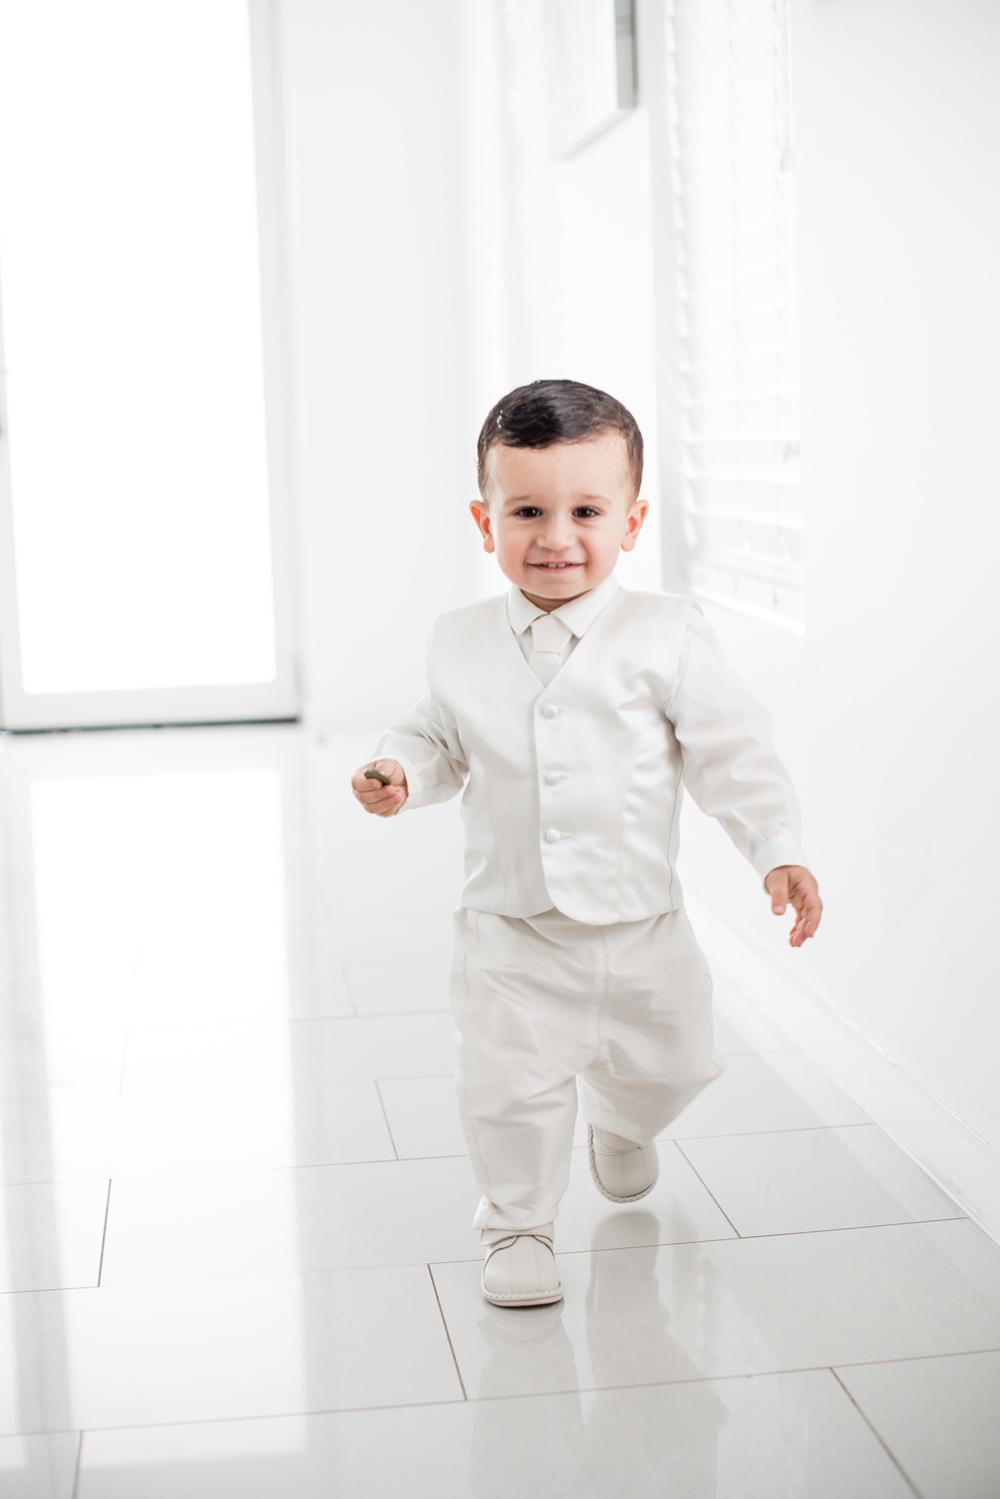 Kiddies IMAGE 034 -_.jpg